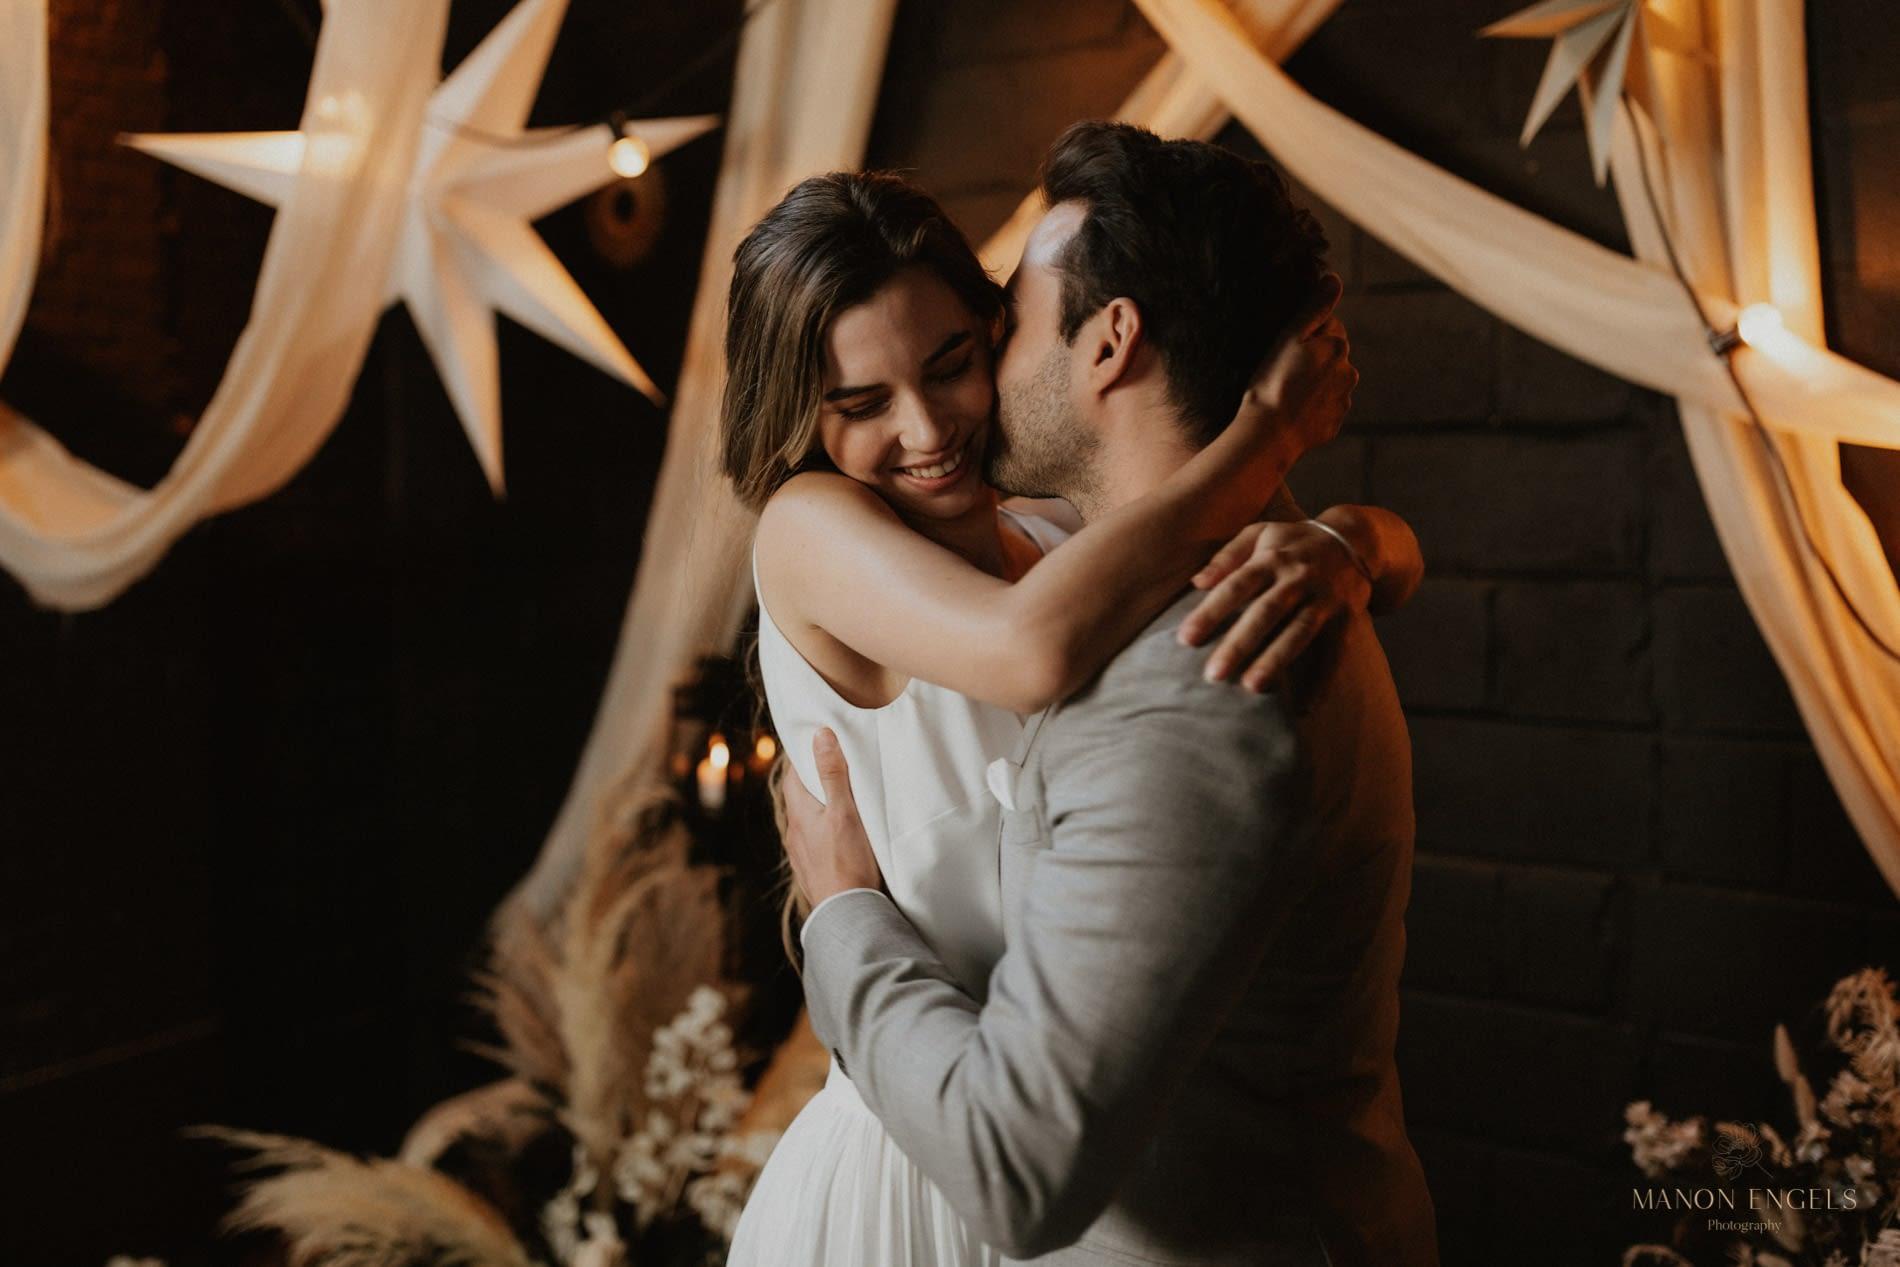 Persoonlijke trouwceremonie, persoonlijke trouwgeloften, trouwfotografie